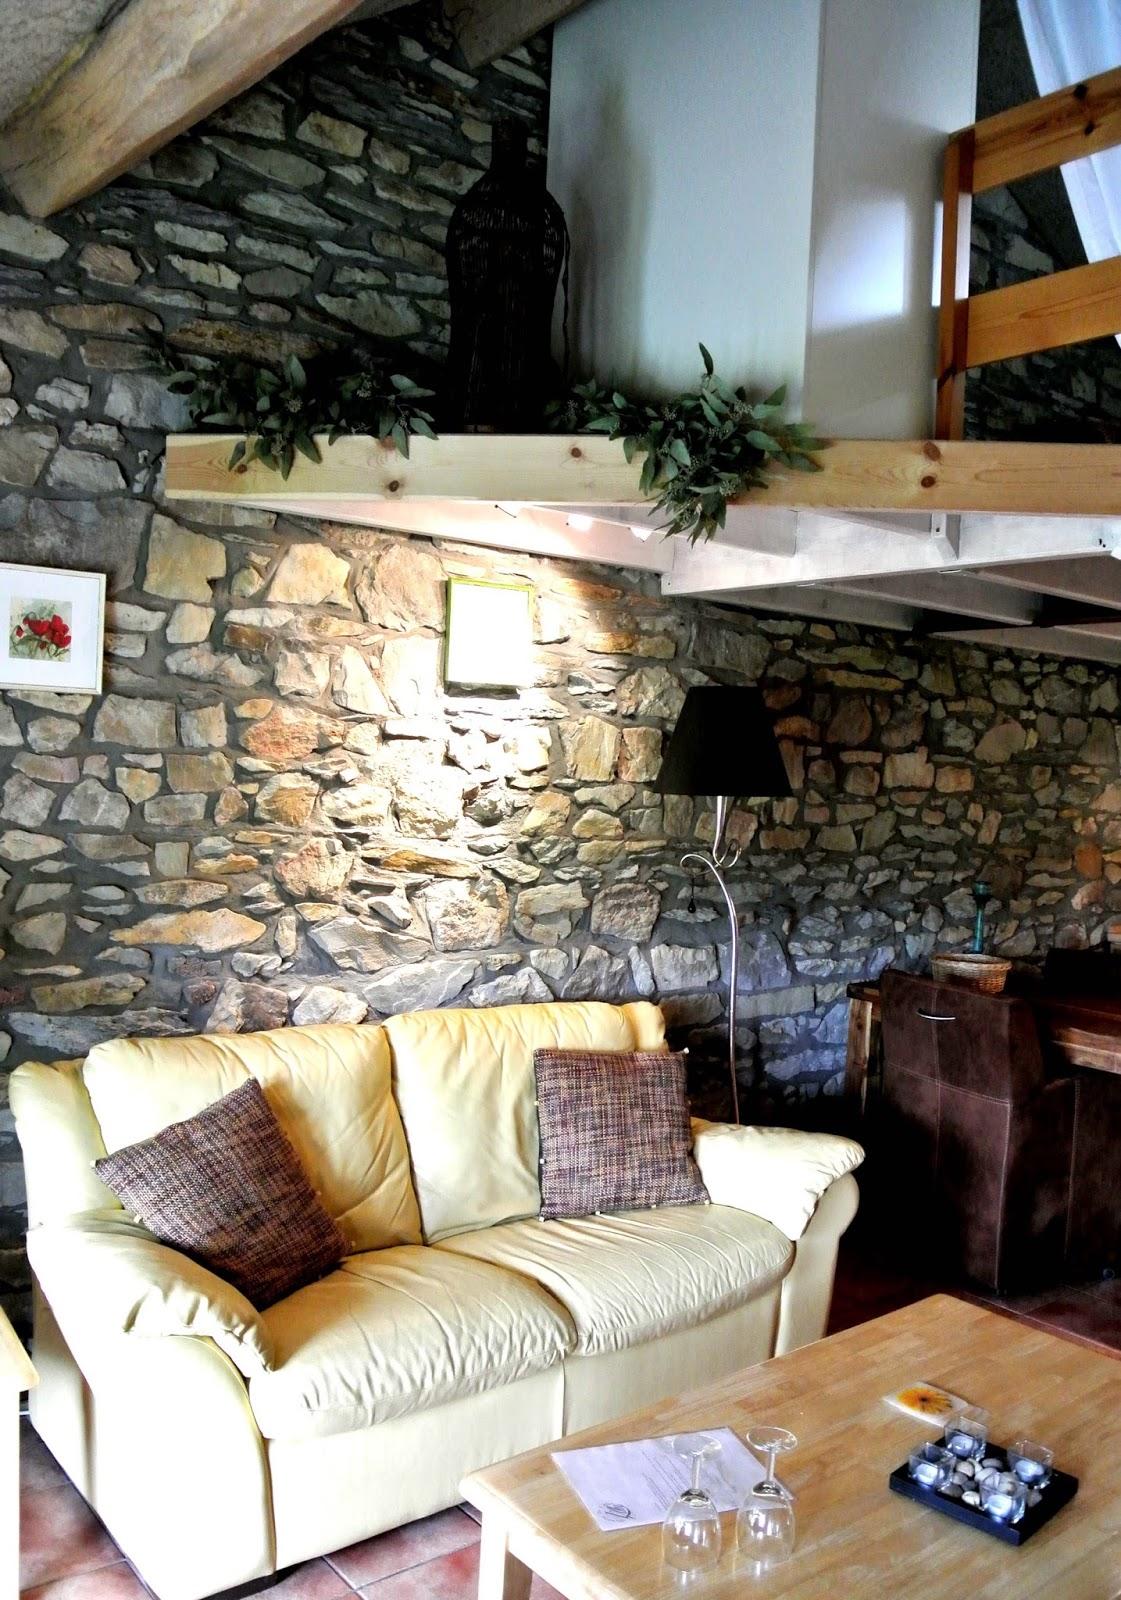 Vakantie-Appartement (A-luxe) 2 kamers (50m²) 2 personen met infrarood cabine